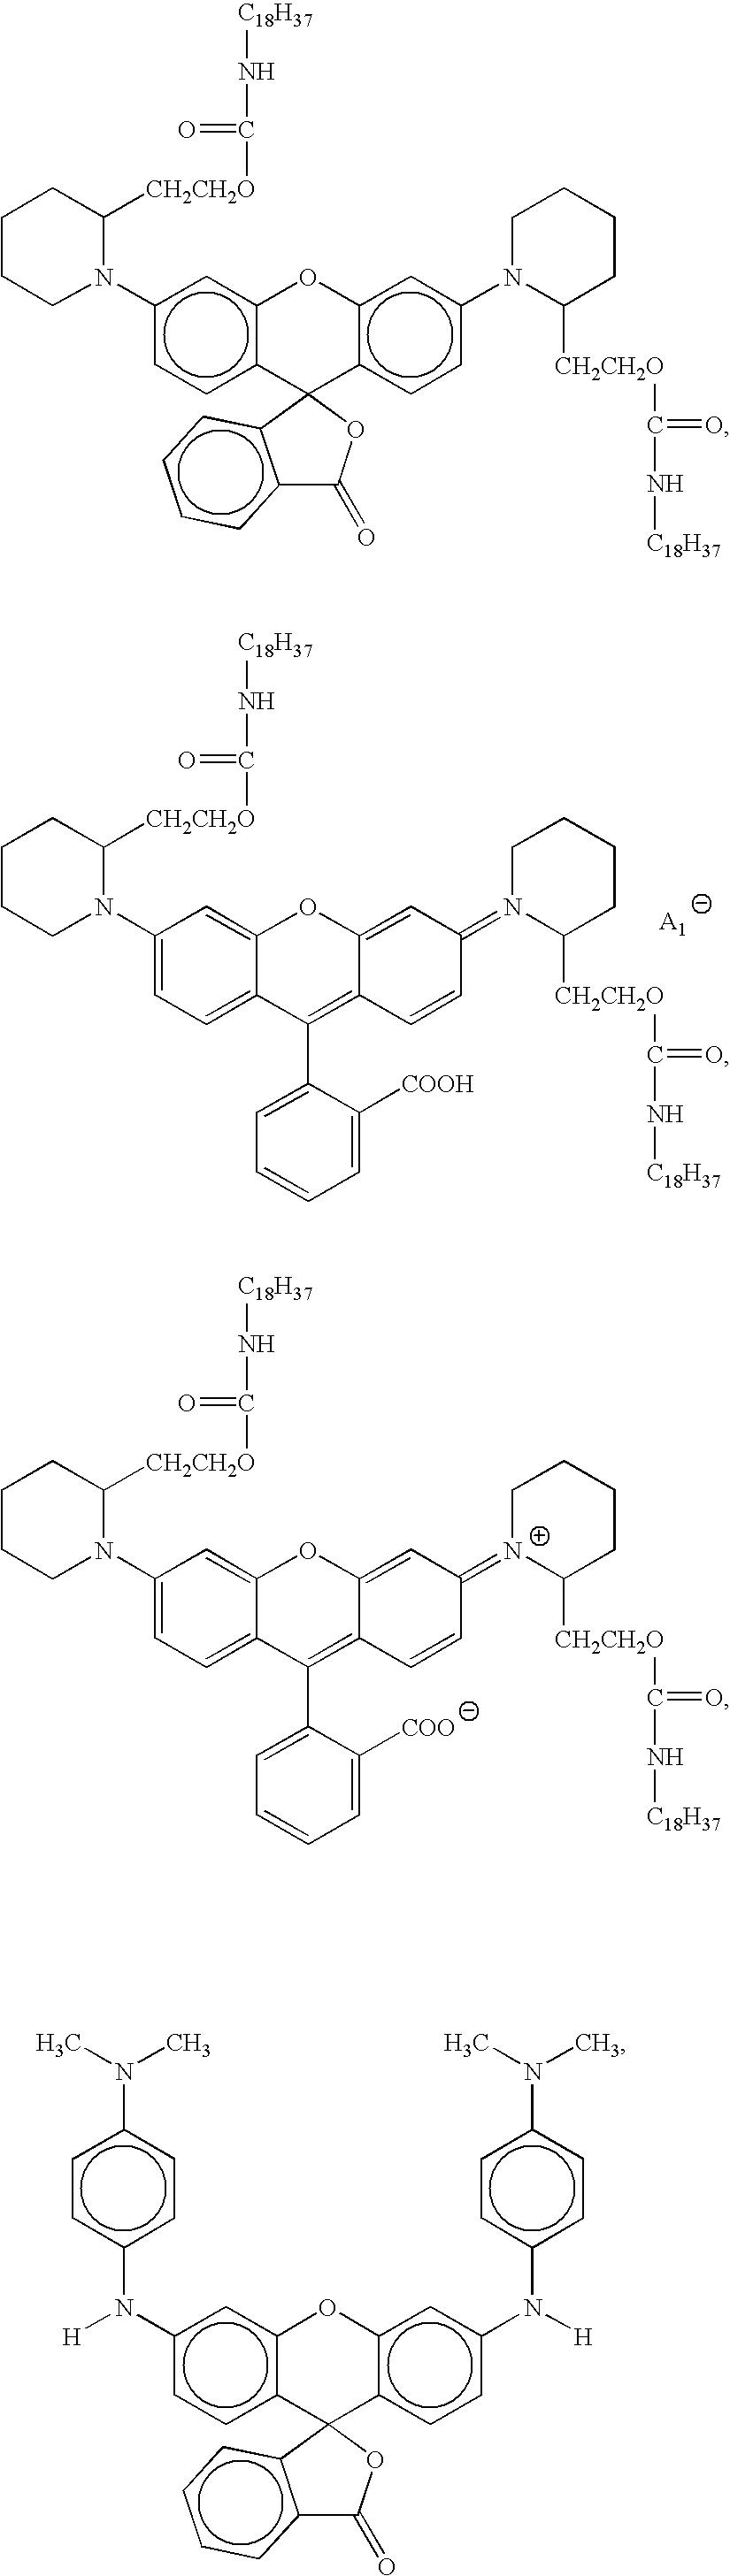 Figure US07311767-20071225-C00242